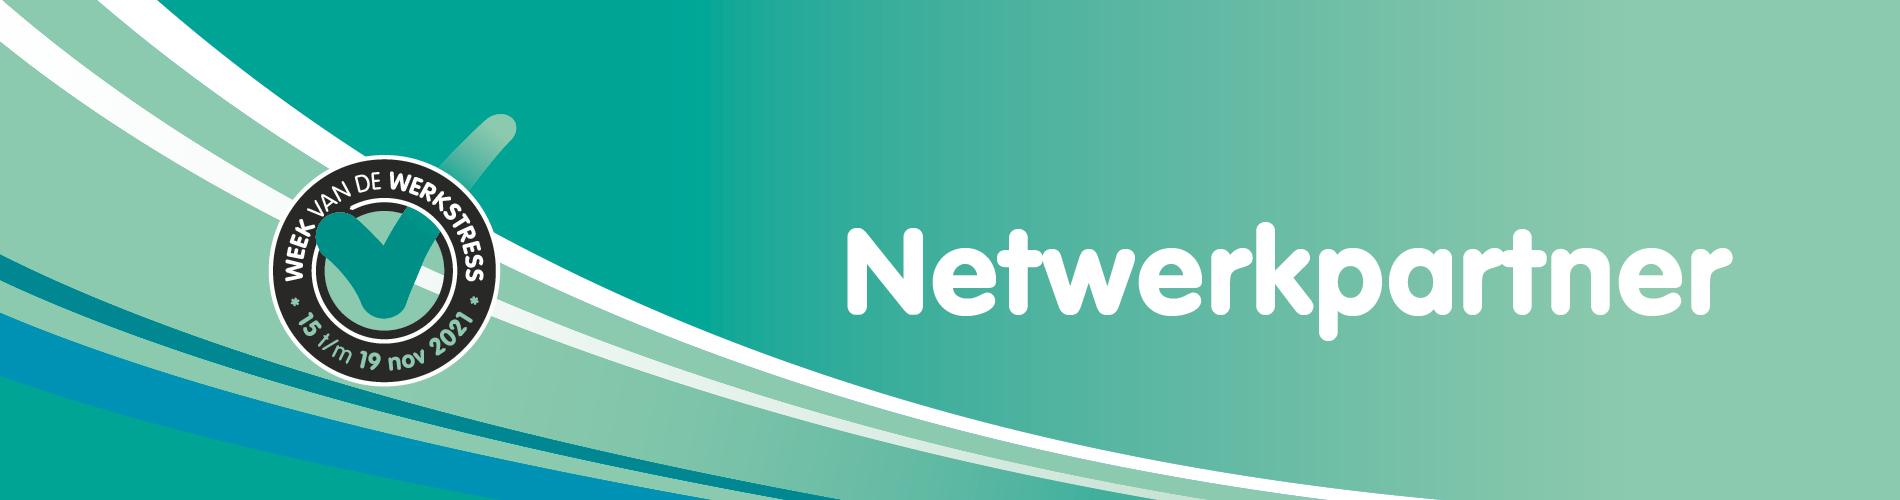 Logo: NPDI is netwerkpartner van Week van de Stress van 15 tot en met 19 november 2021